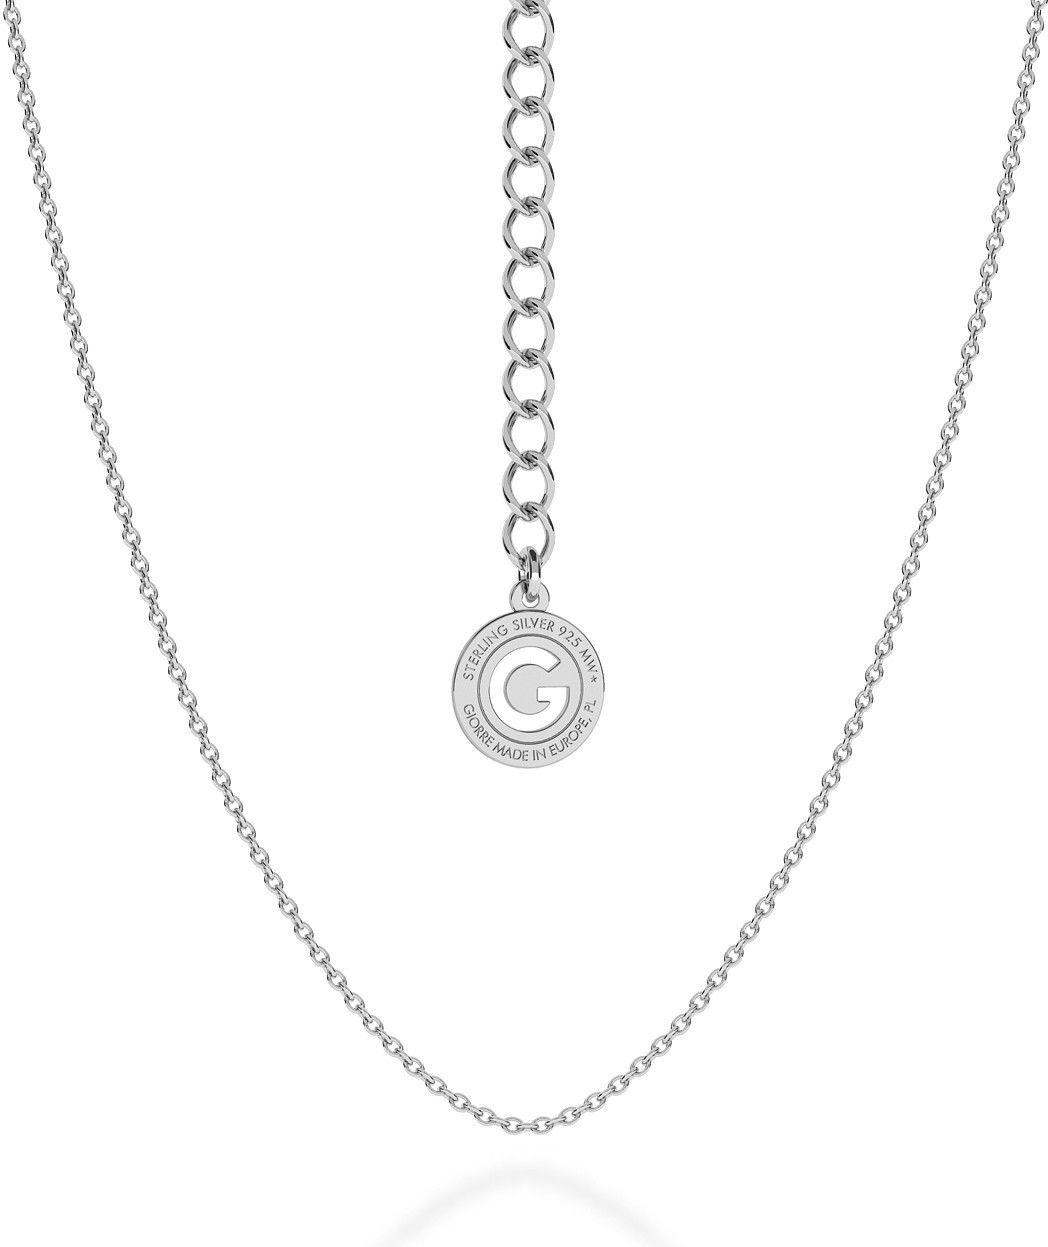 Srebrny delikatny łańcuszek ankier, srebro 925 : Długość (cm) - 50 + 5, Srebro - kolor pokrycia - Pokrycie platyną